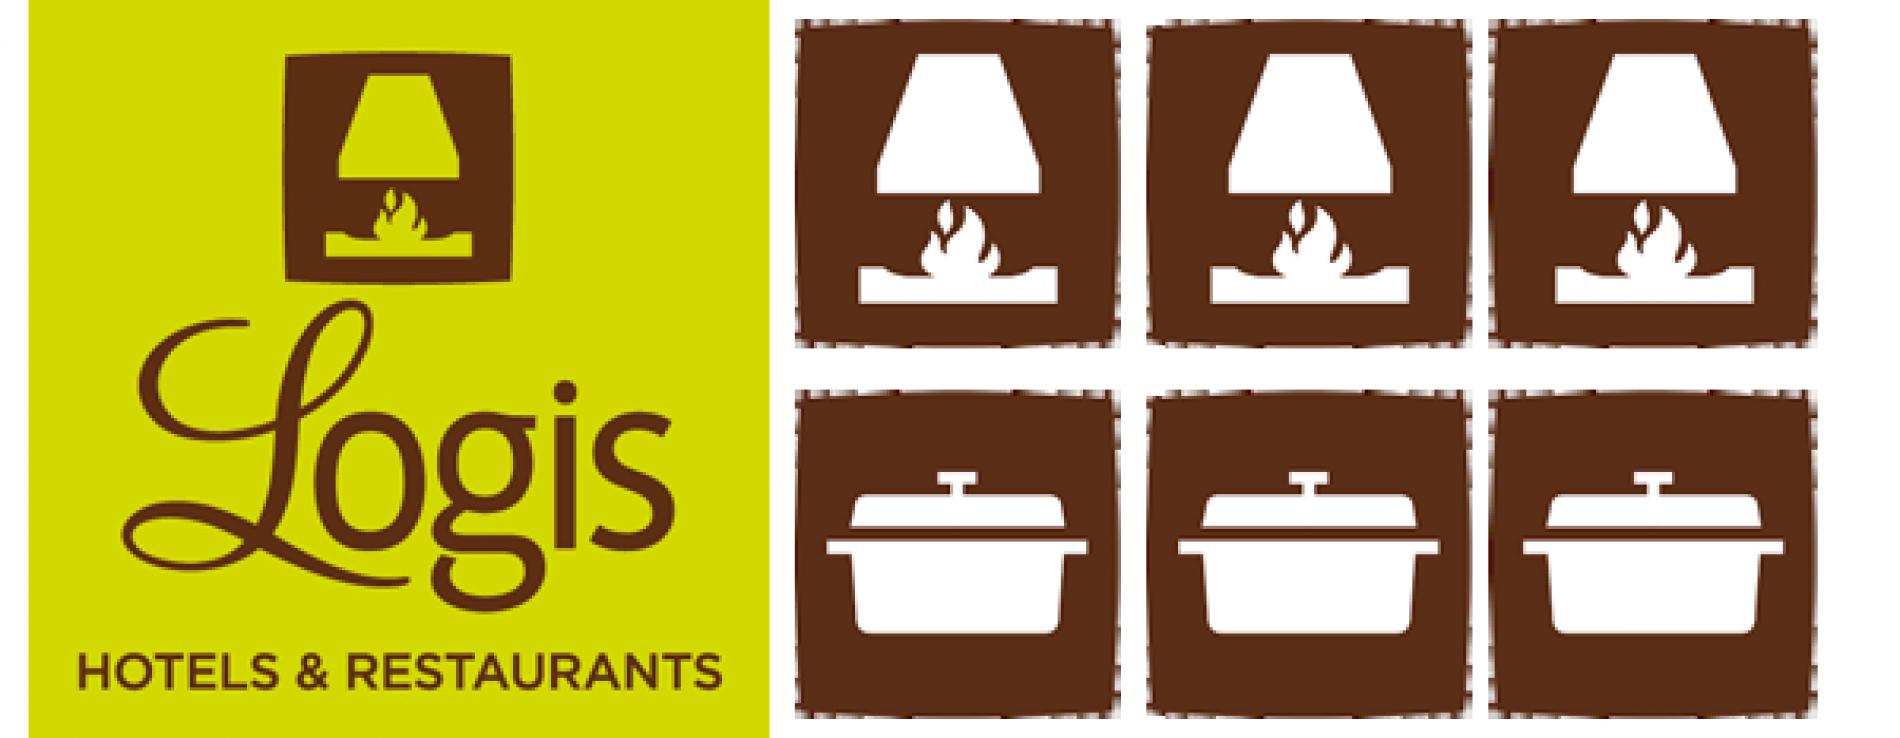 Logos logis hôtel des Lacs, Celles sur Plaine - Vosges